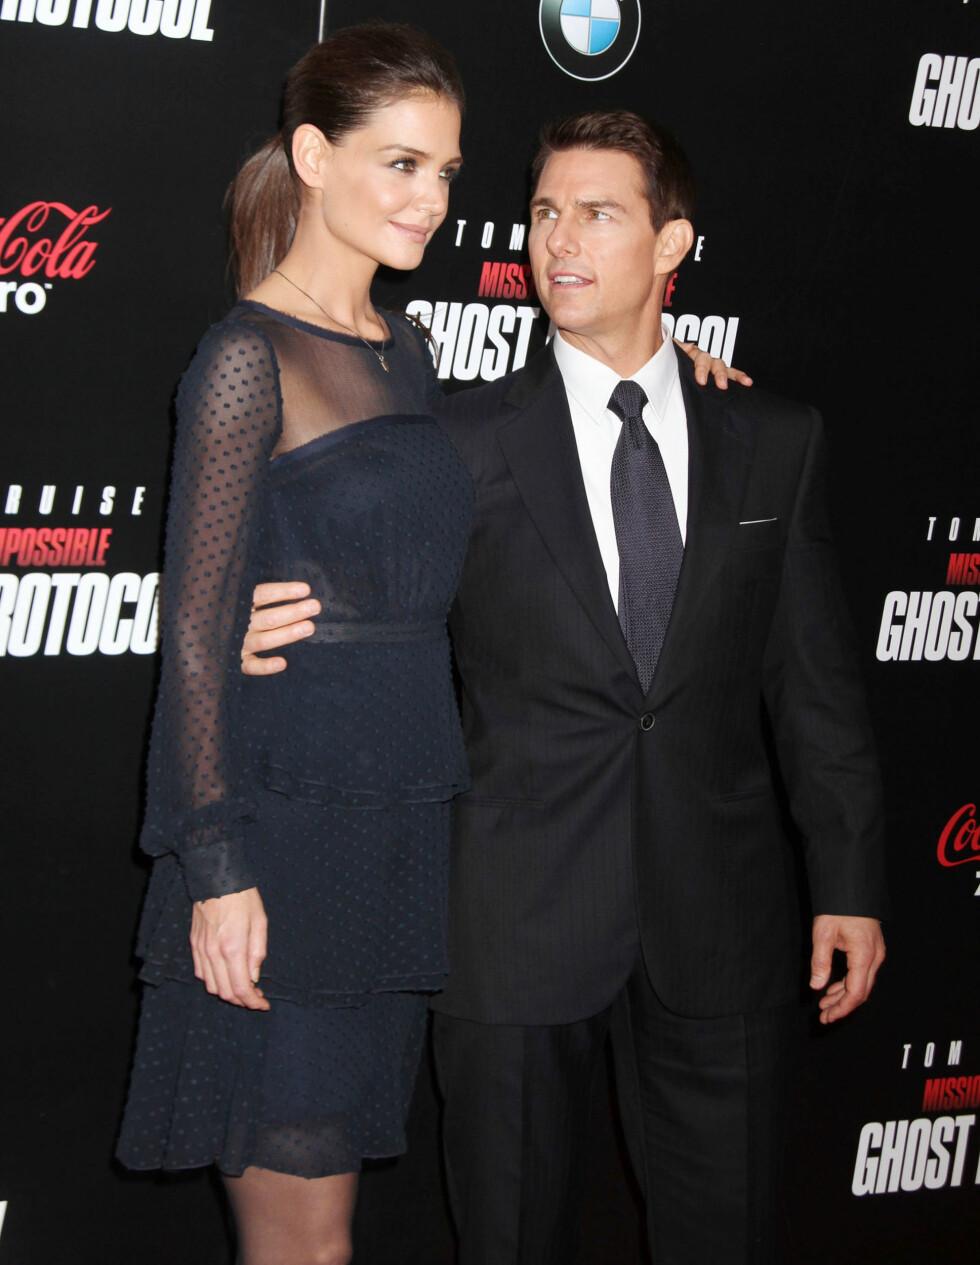 <strong>17 ÅRS FORSKJELL:</strong> Tom Cruise og Katie Holmens var et av Hollywoods hotteste par, før de to gikk hvert til sitt i 2012. De fikk datteren Suri Cruise (9) sammen. Foto: NTB Scanpix